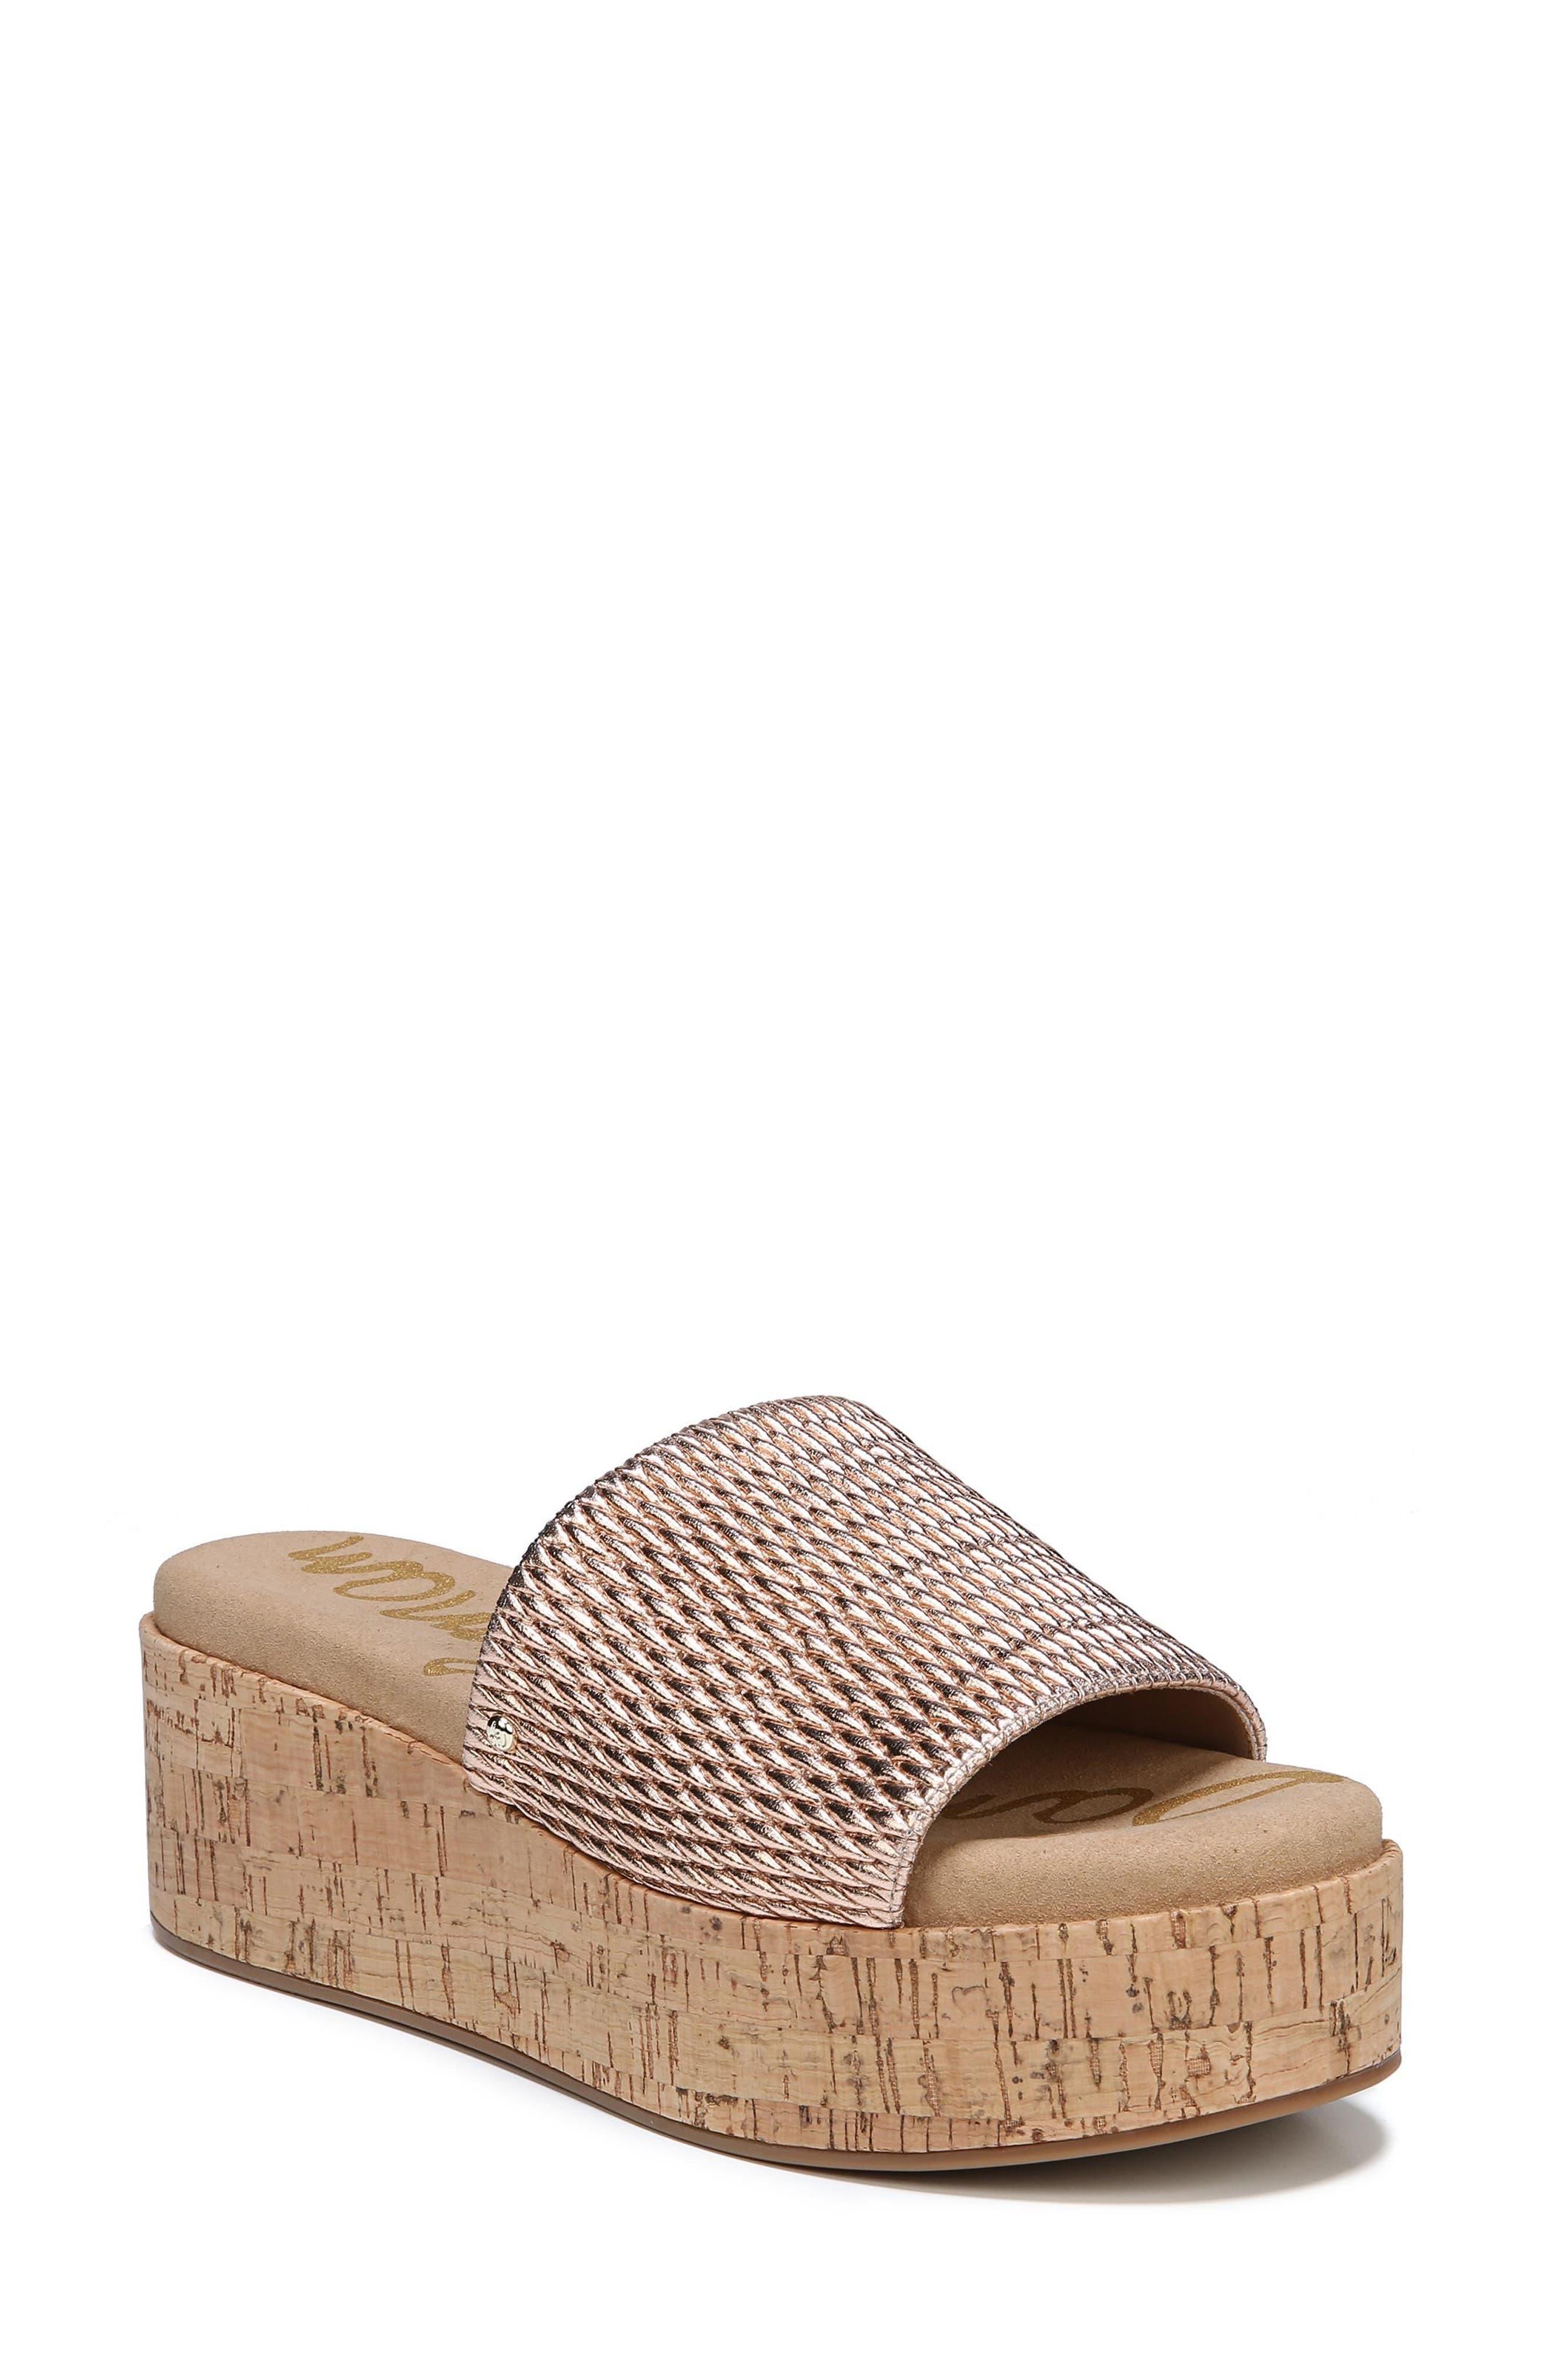 Wendi Platform Slide Sandal,                         Main,                         color, Blush Gold Metallic Fabric